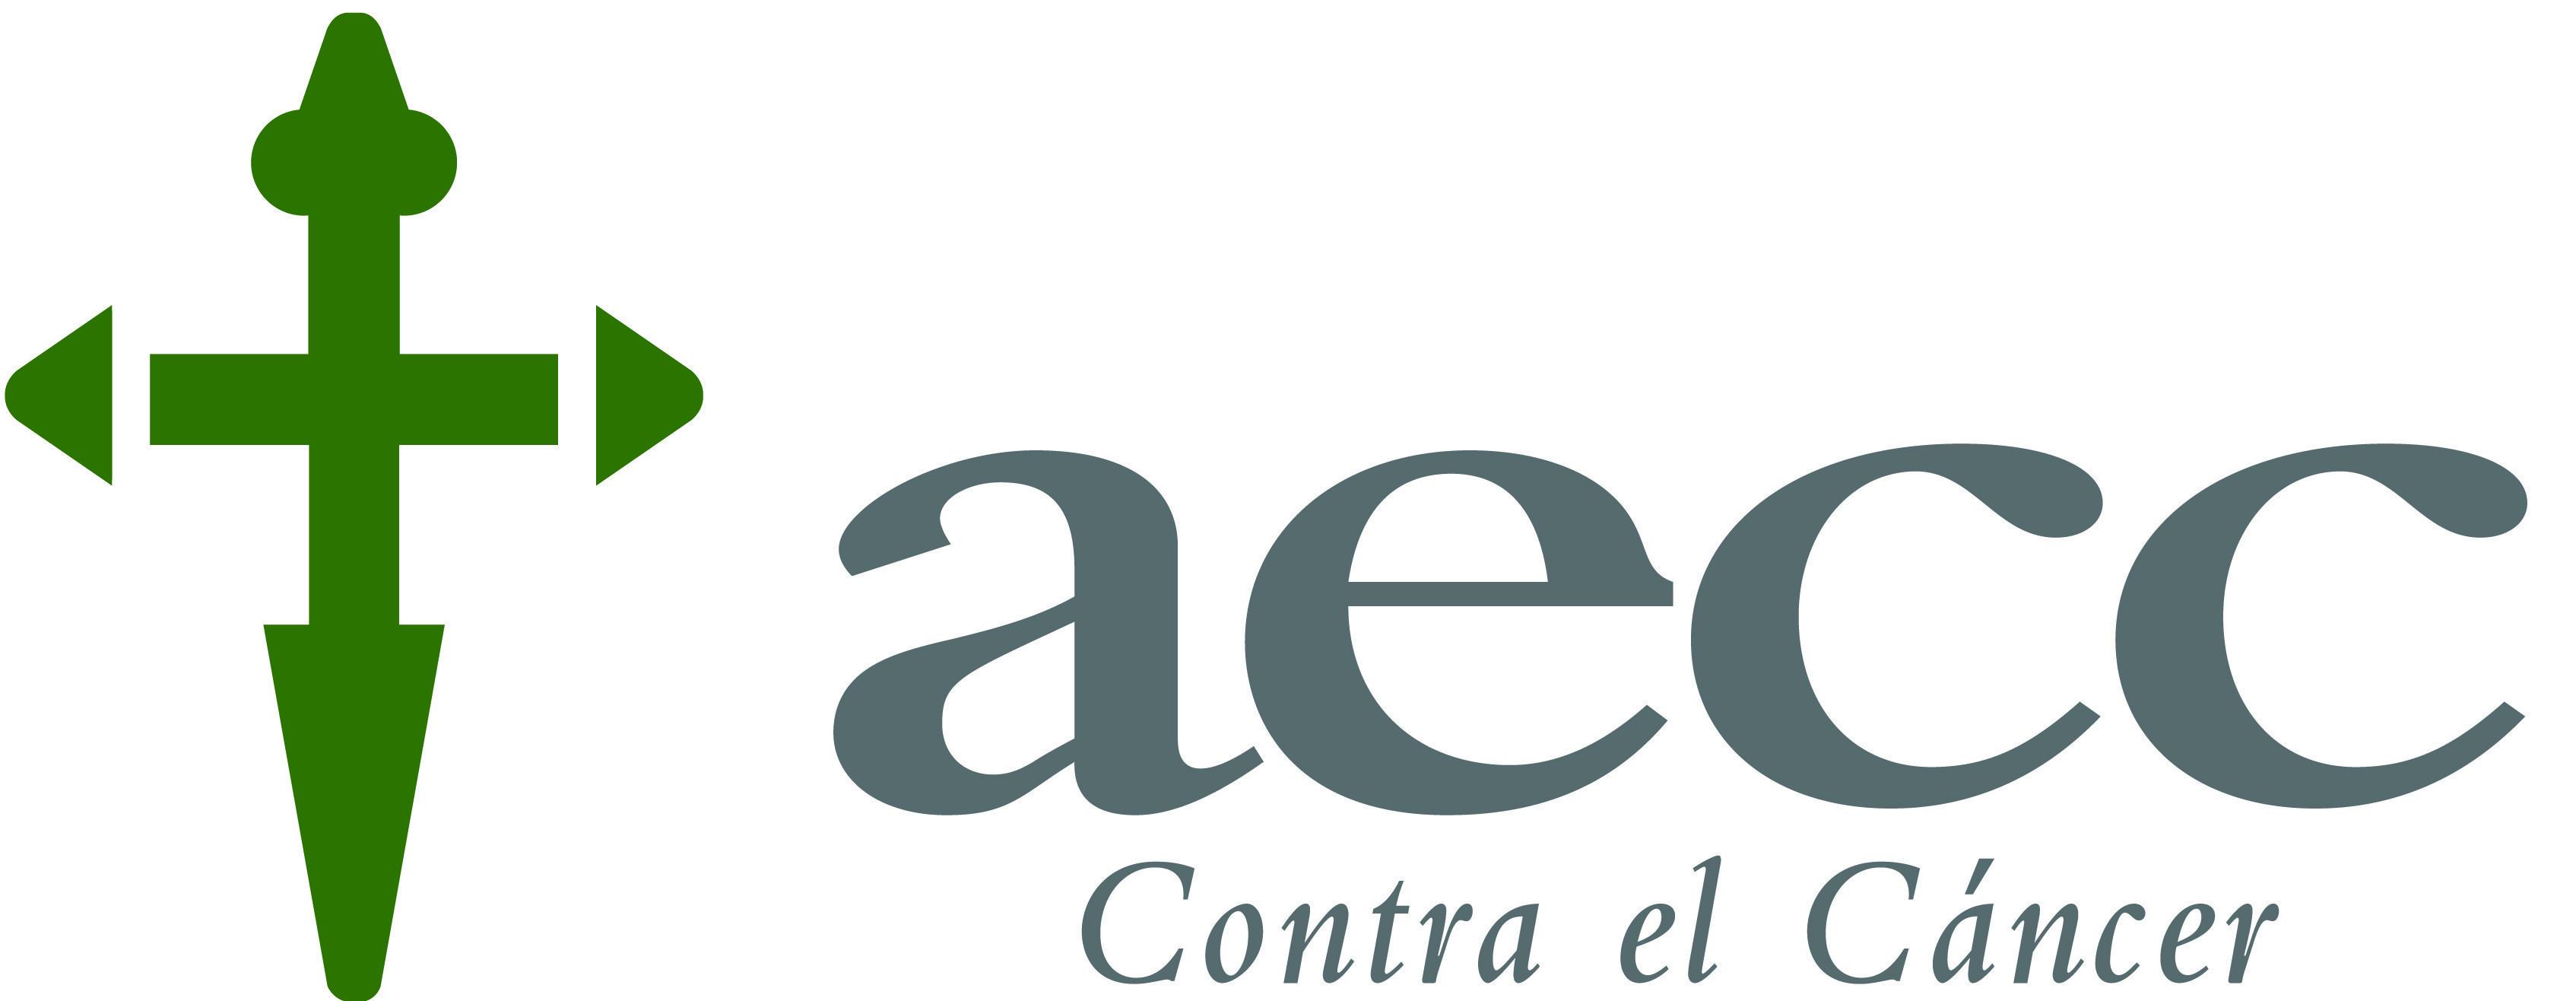 Nueva unidad de ejercicio físico oncológico de la AECC